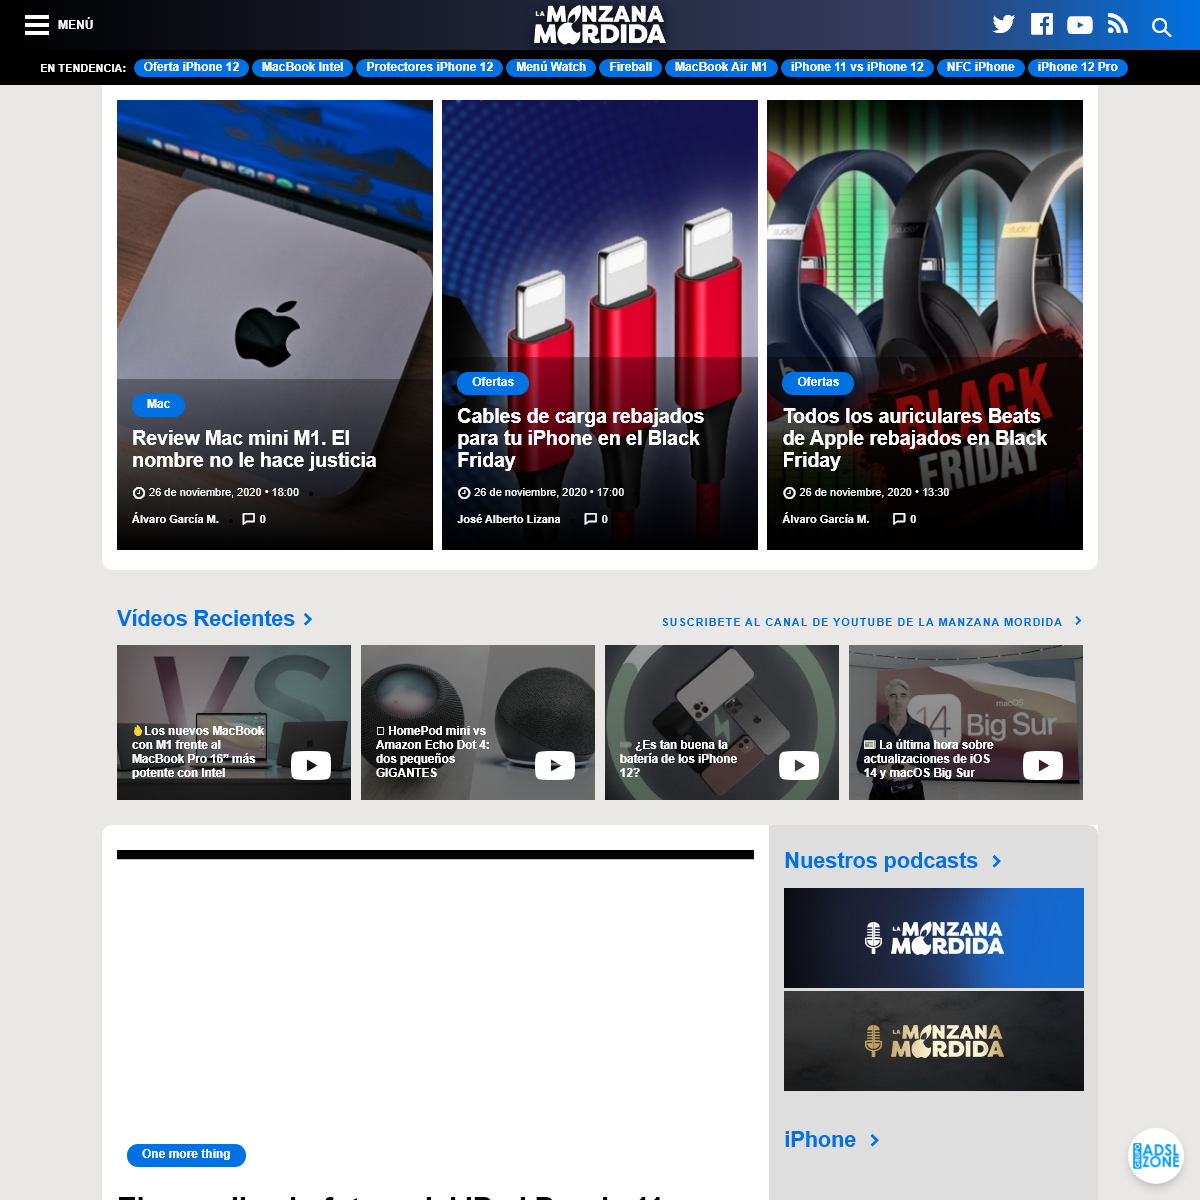 La Manzana Mordida - Sitio web de noticias Apple en castellano